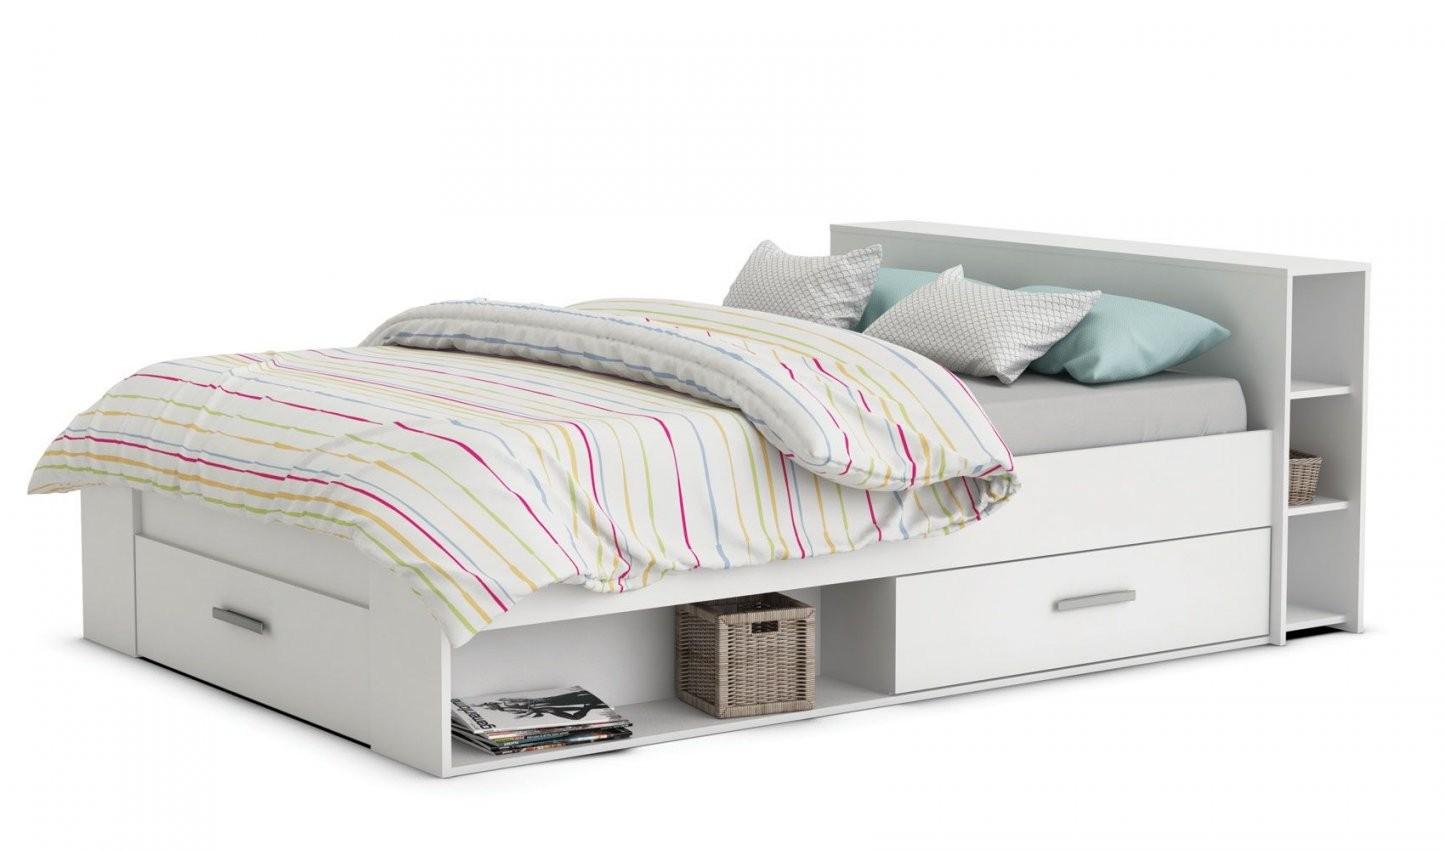 Angenehm Stauraum Bett 120X200 Bett 120X200 Galerien  Bedrooms In von Bett 120X200 Mit Stauraum Bild